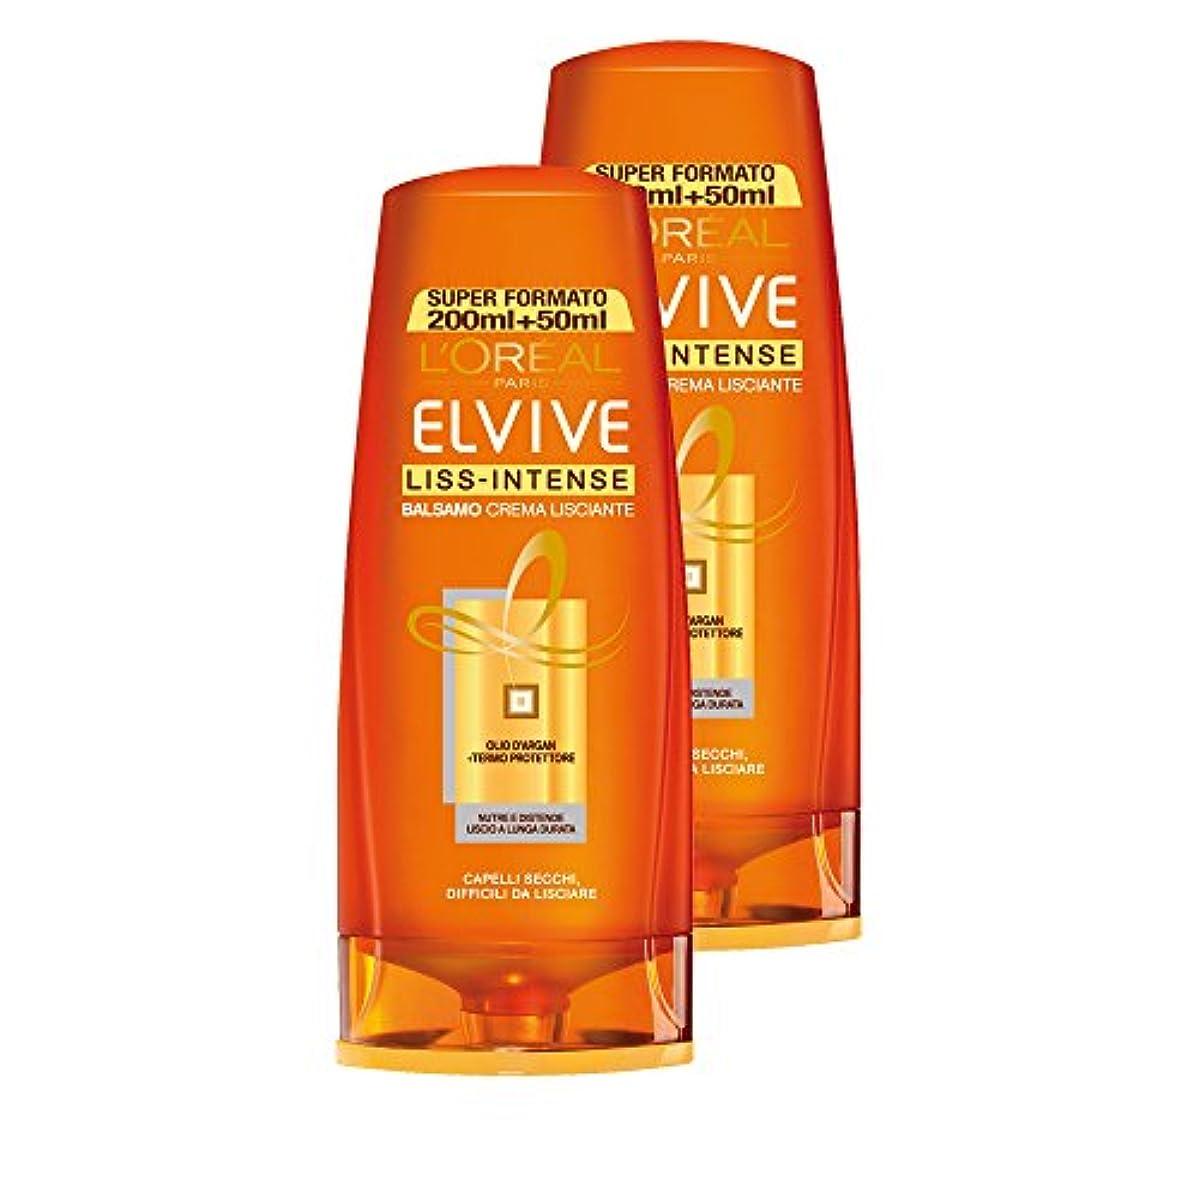 植生差し控える効果的にL 'OréalParis Elvive LISS-INTENSEバームクリームヘアサロン乾燥、なめらかにするのが難しい、3パック2 x 250 ml、合計:1500 ml